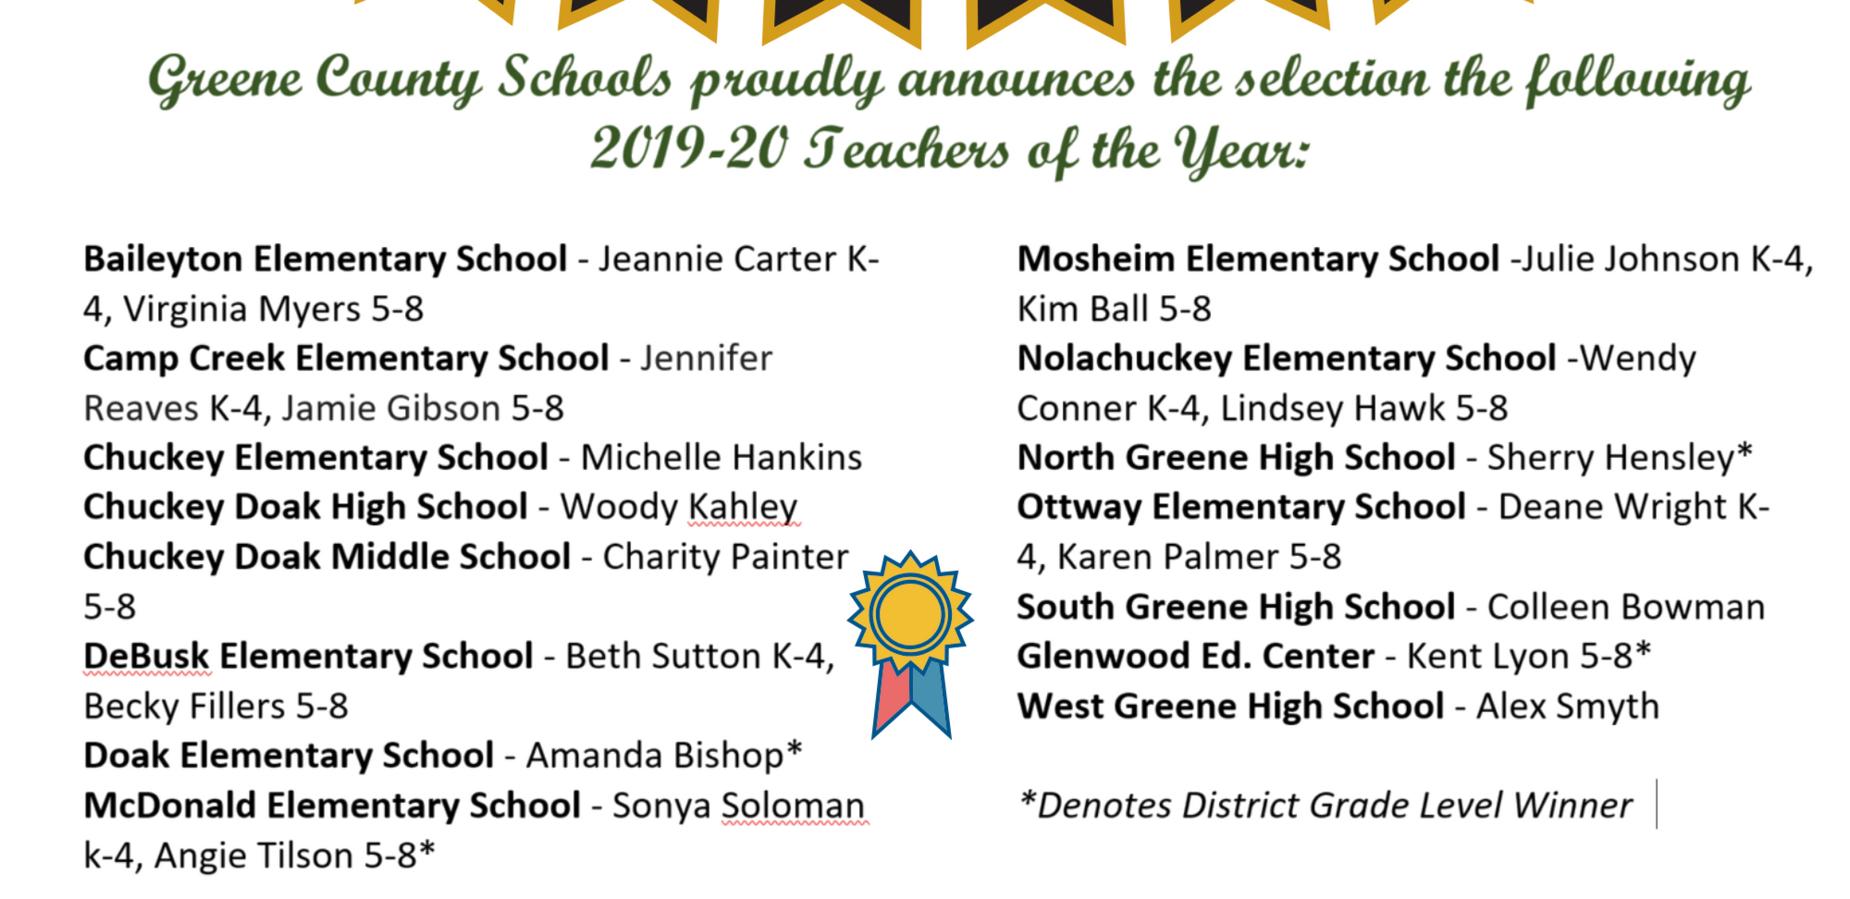 2020 GCS Teachers of the Year